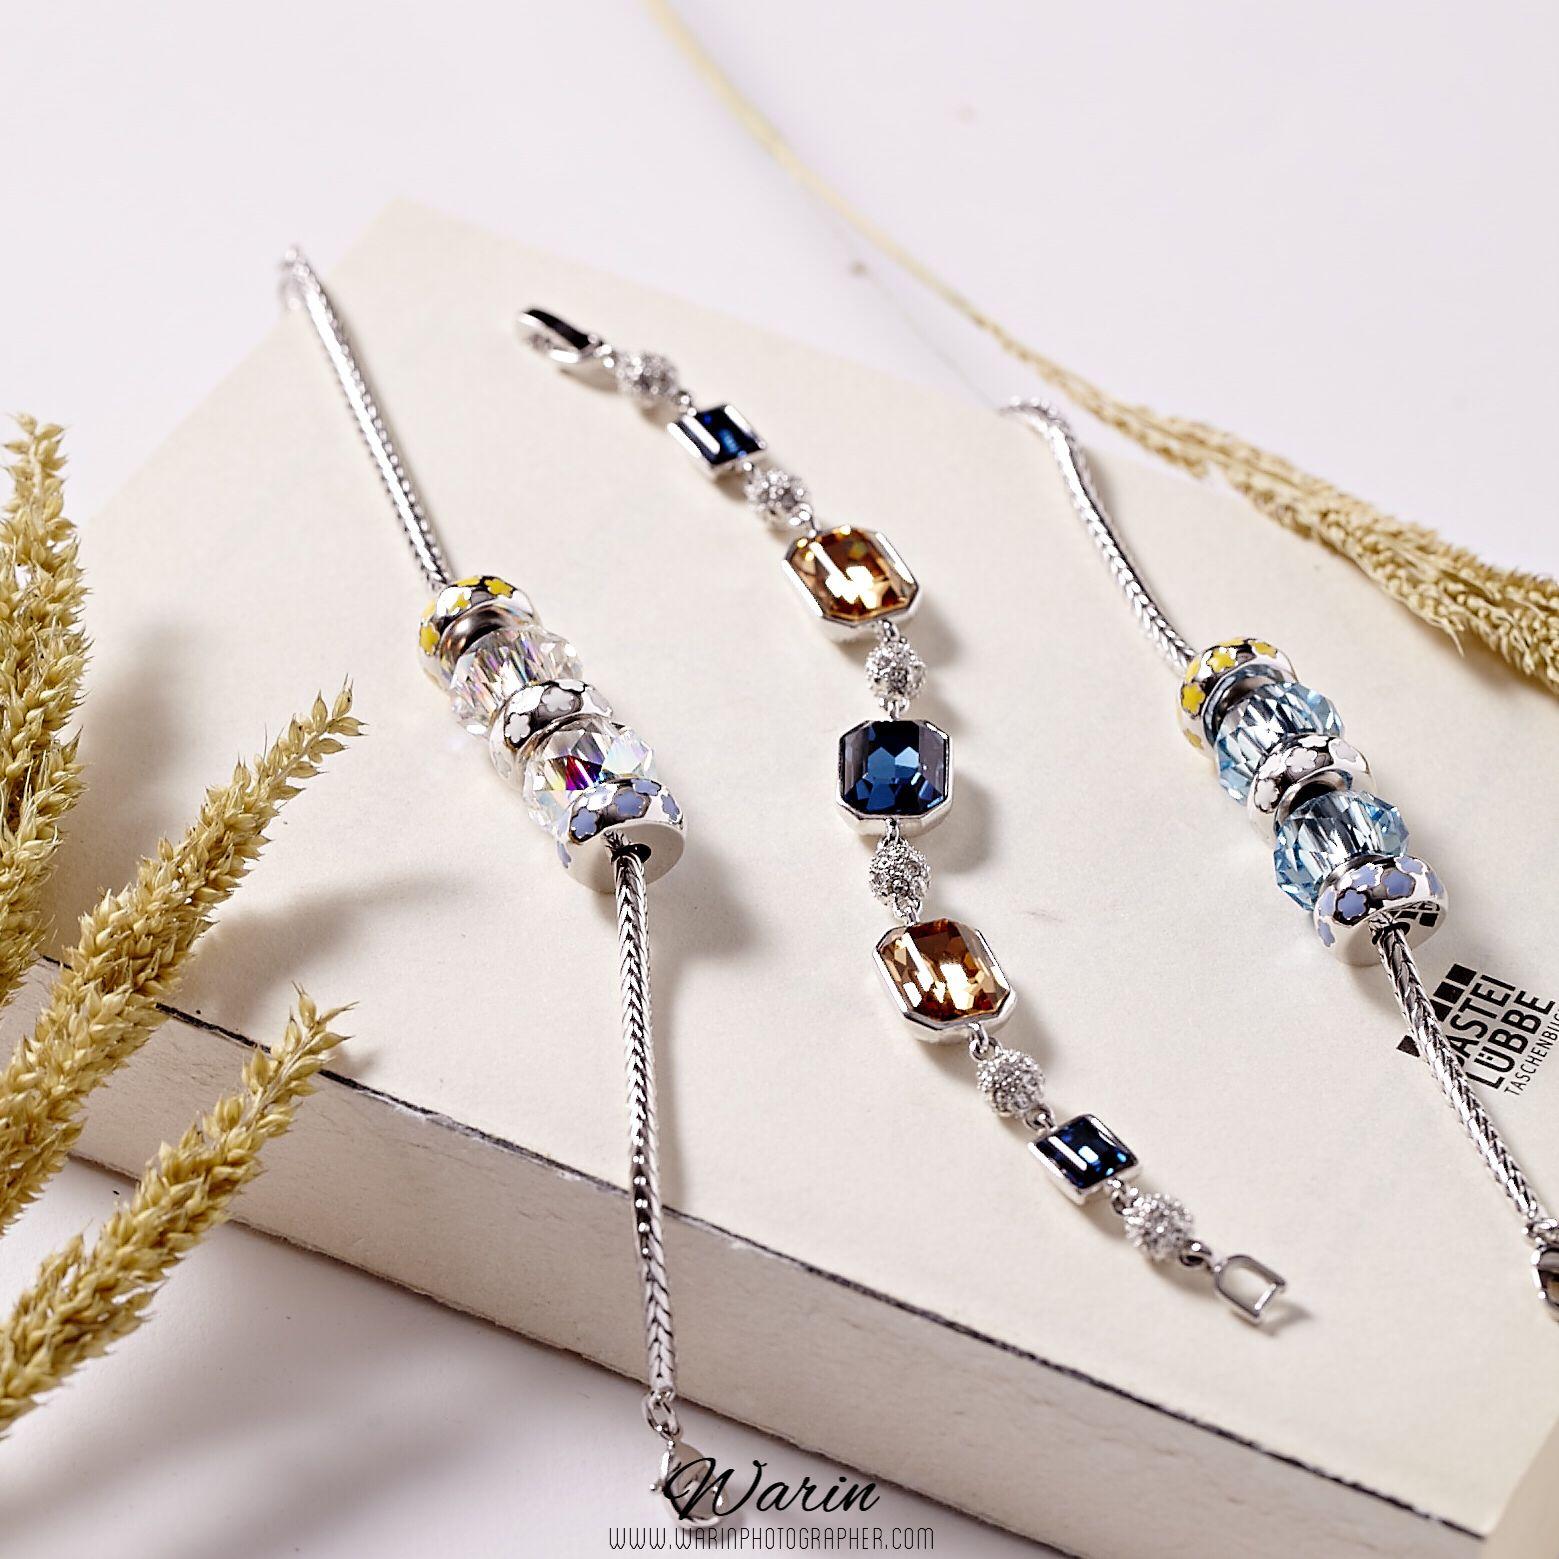 Diamond and Gem Bracelet , #gem #oldbook #wedding #diamond #bracelet #jewelry